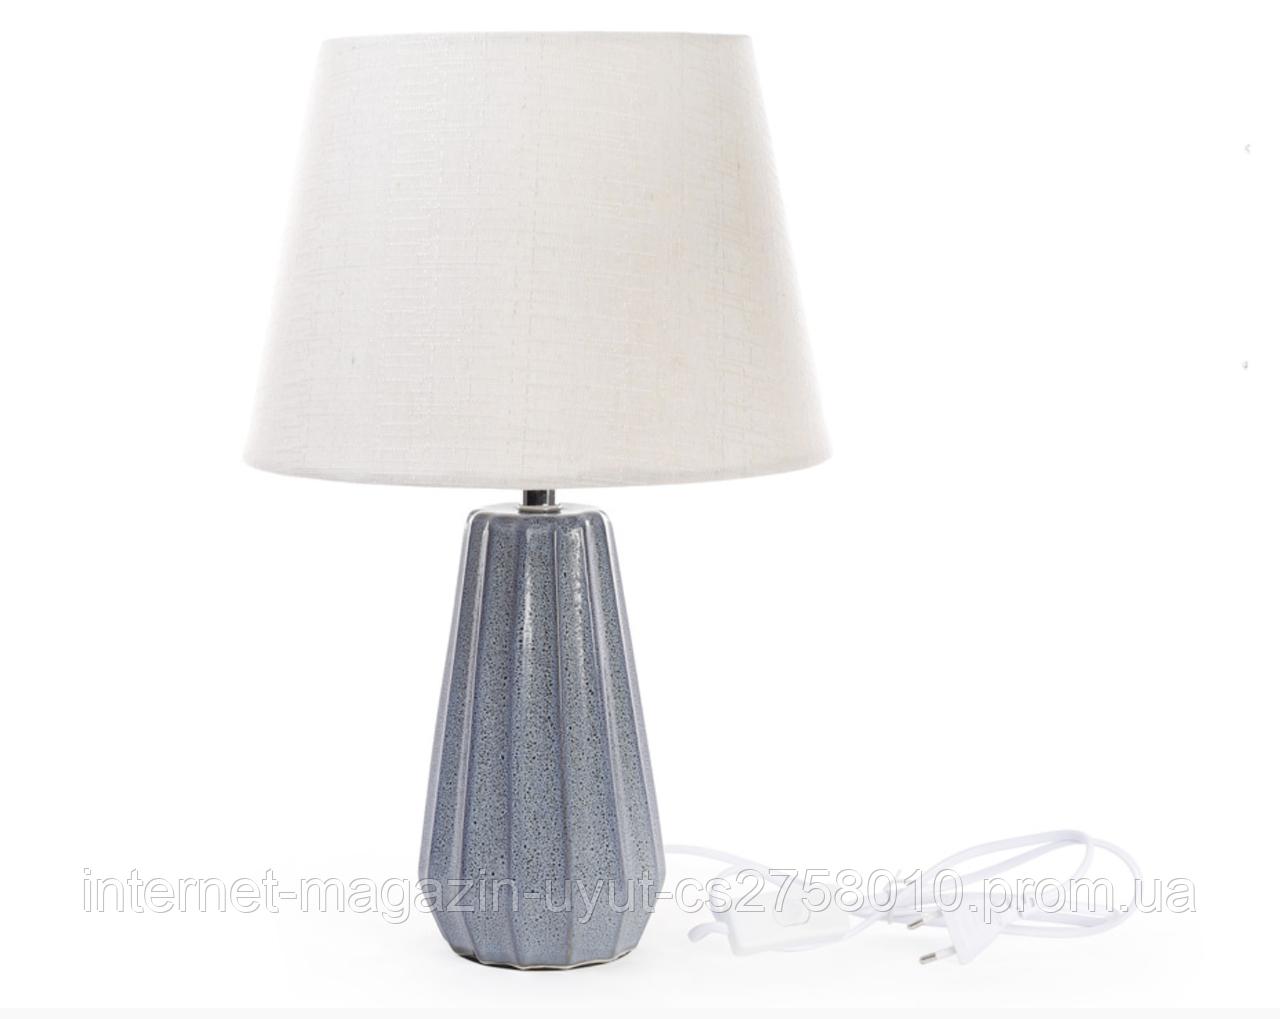 """Настольная лампа """"Лазур"""" с керамическим основанием и тканевым абажуром 44см, синевато-серый"""